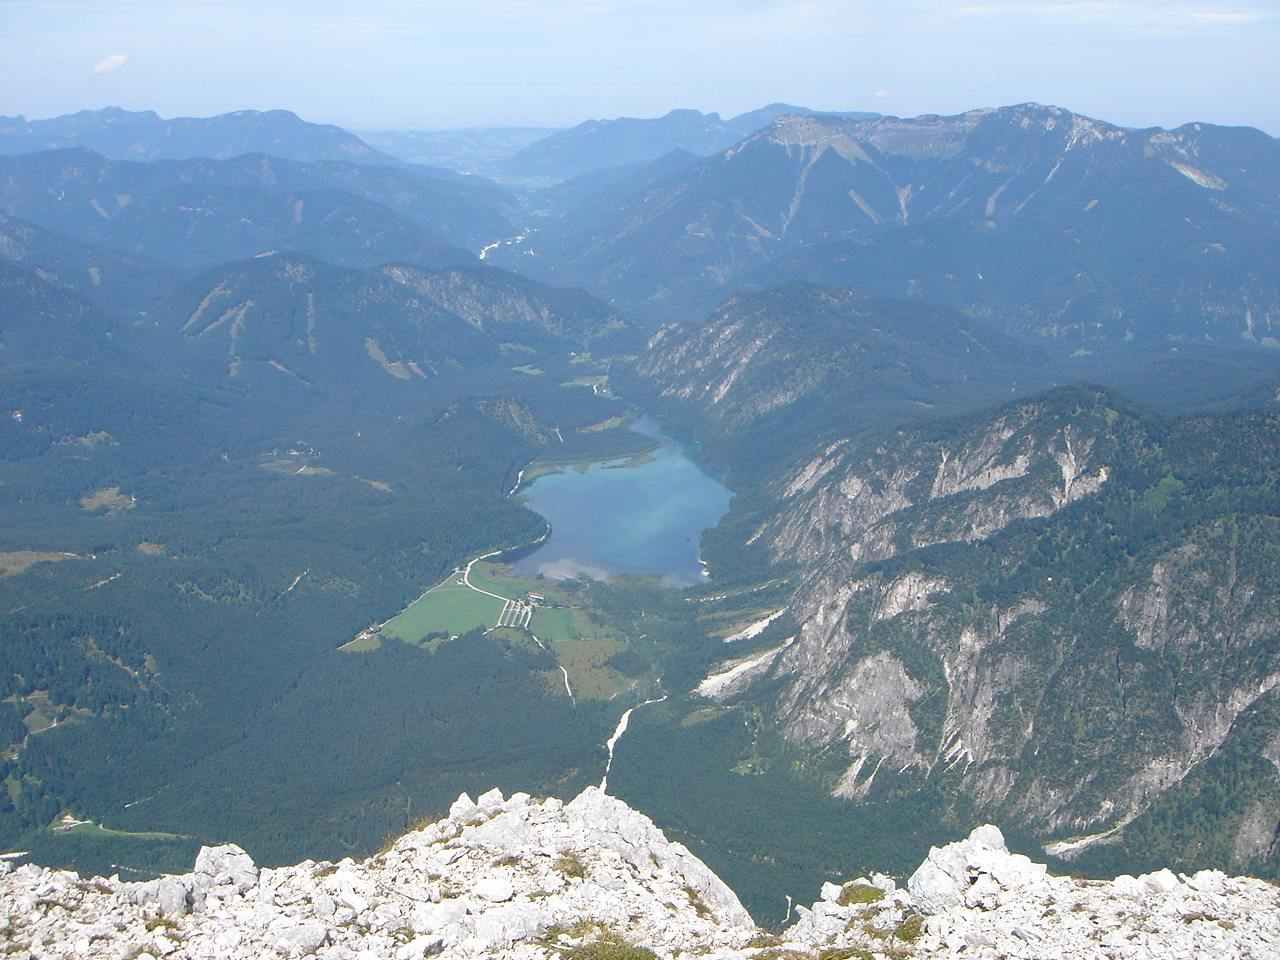 Foto: Manfred Karl / Wander Tour / Auf den Zwölfer über den Grießkarsteig / Tiefblick vom Nordgipfel zum Almsee. / 18.05.2007 14:37:37